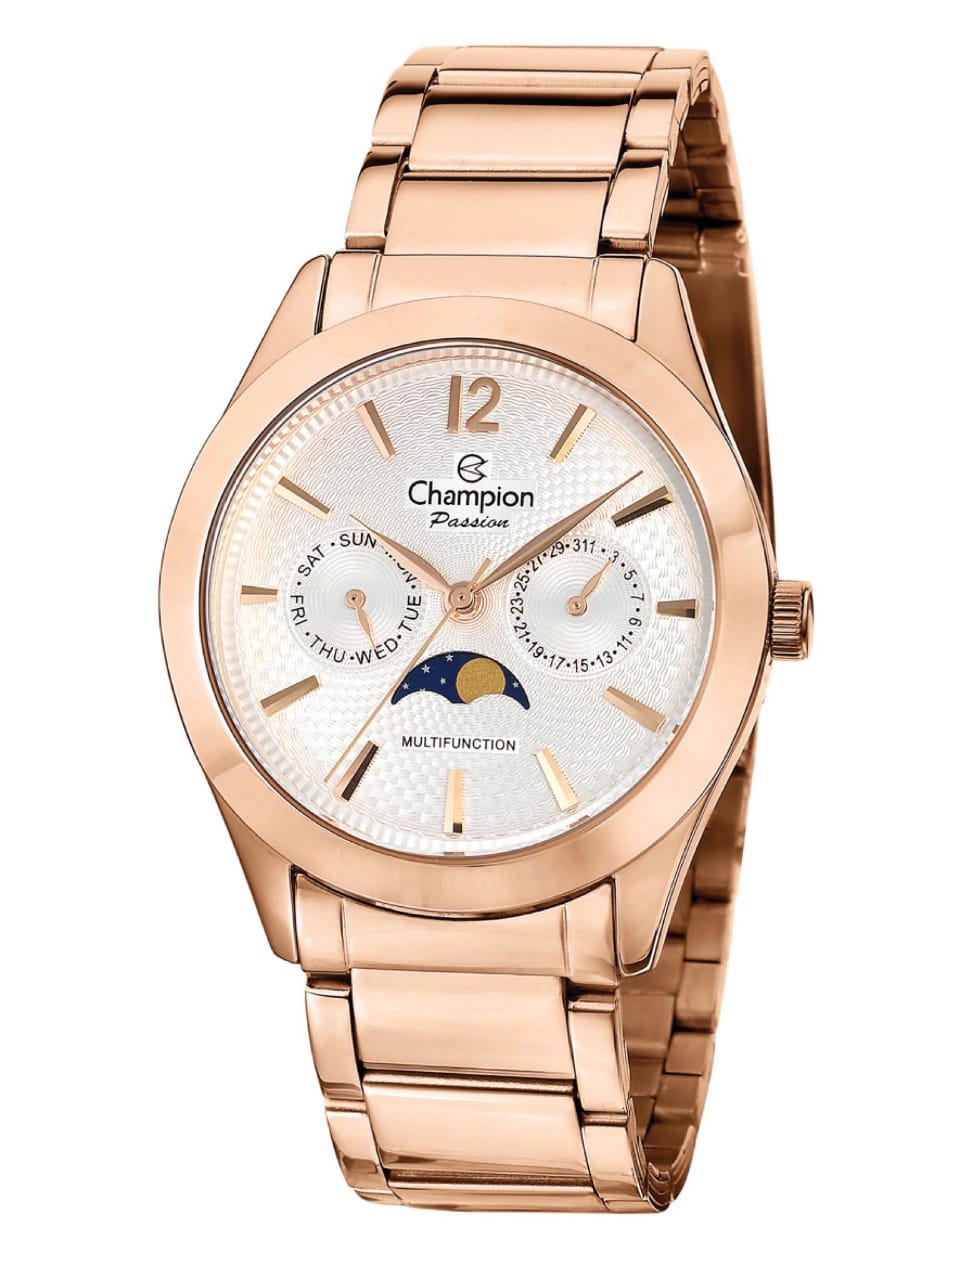 Relógio Feminino Rose Passion Champion - CH38271E